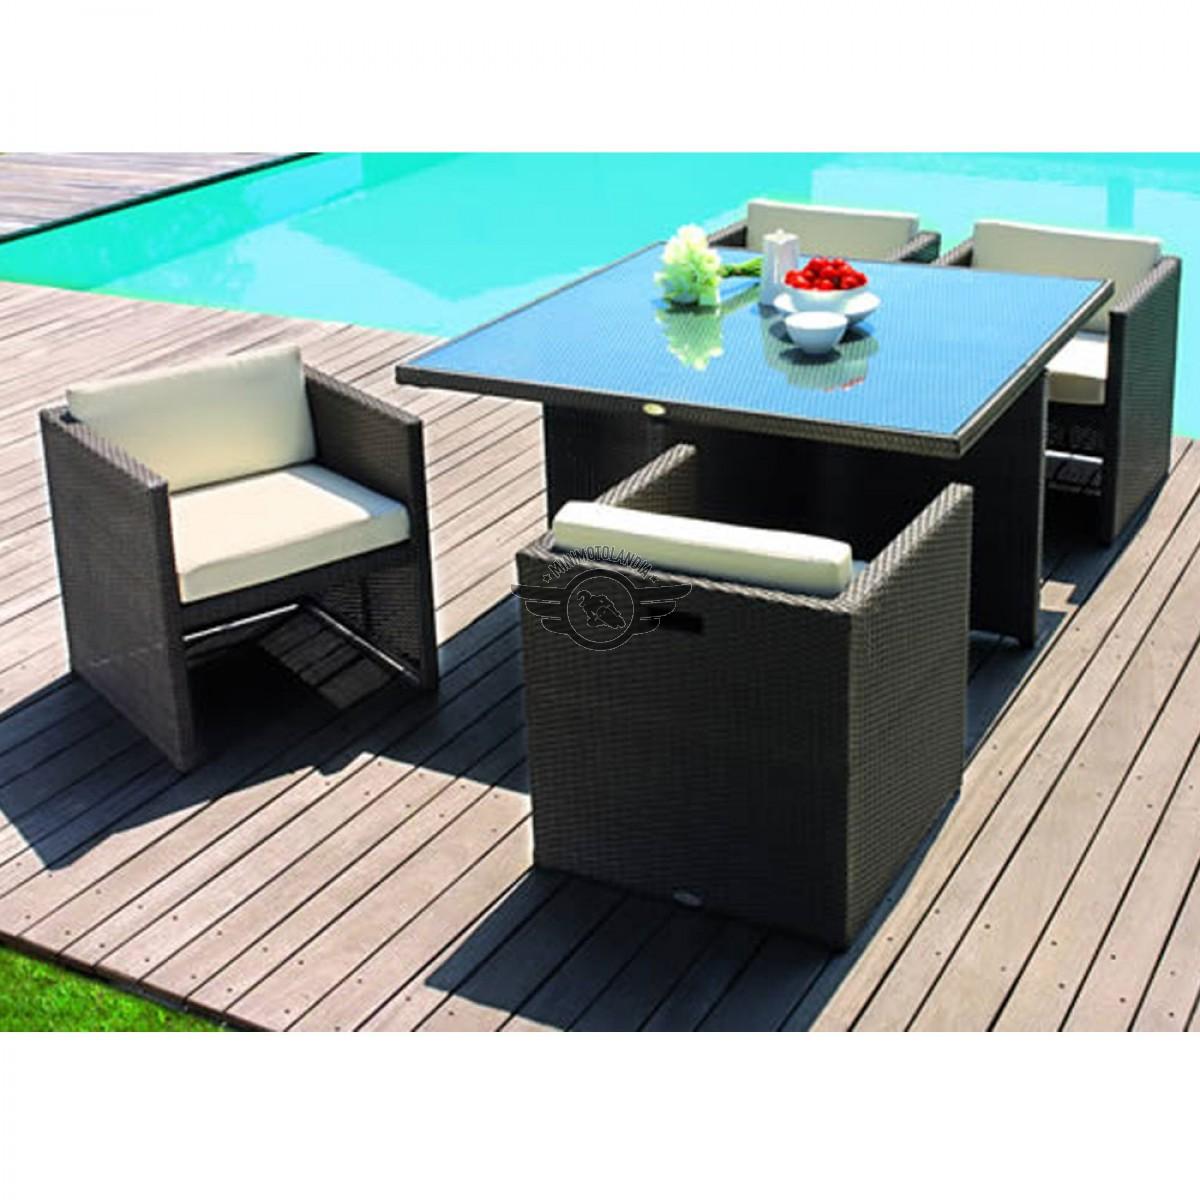 Tavolo sedie rattan sofa cubo minimotolandia - Set tavolo e sedie rattan ...